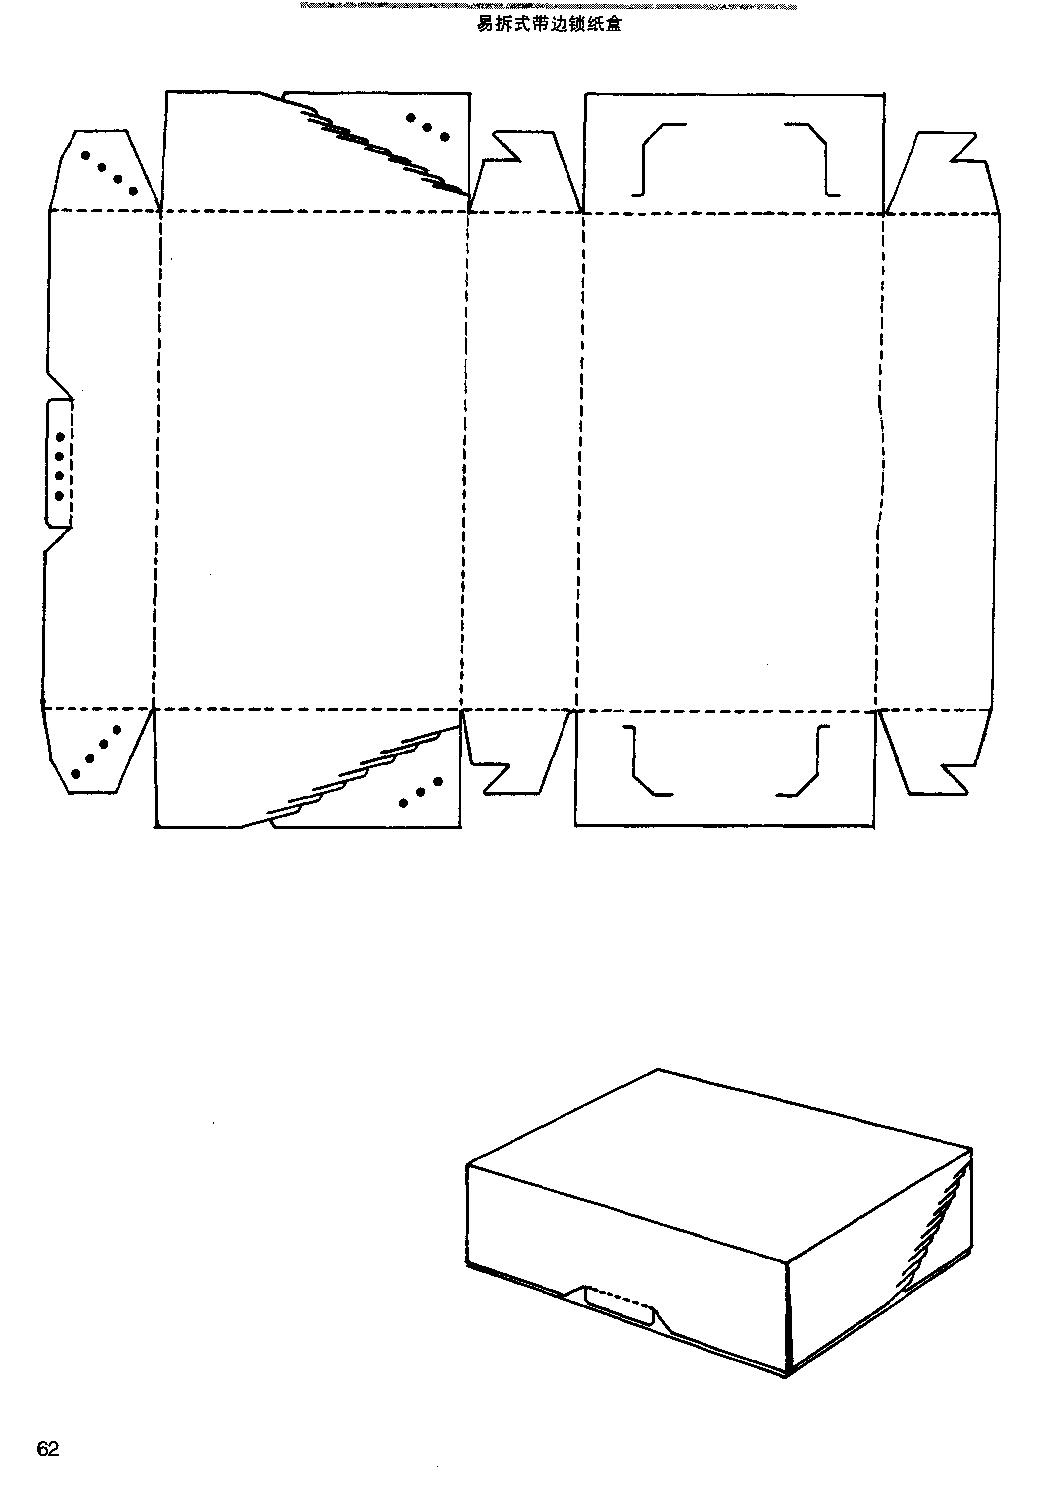 box structure design